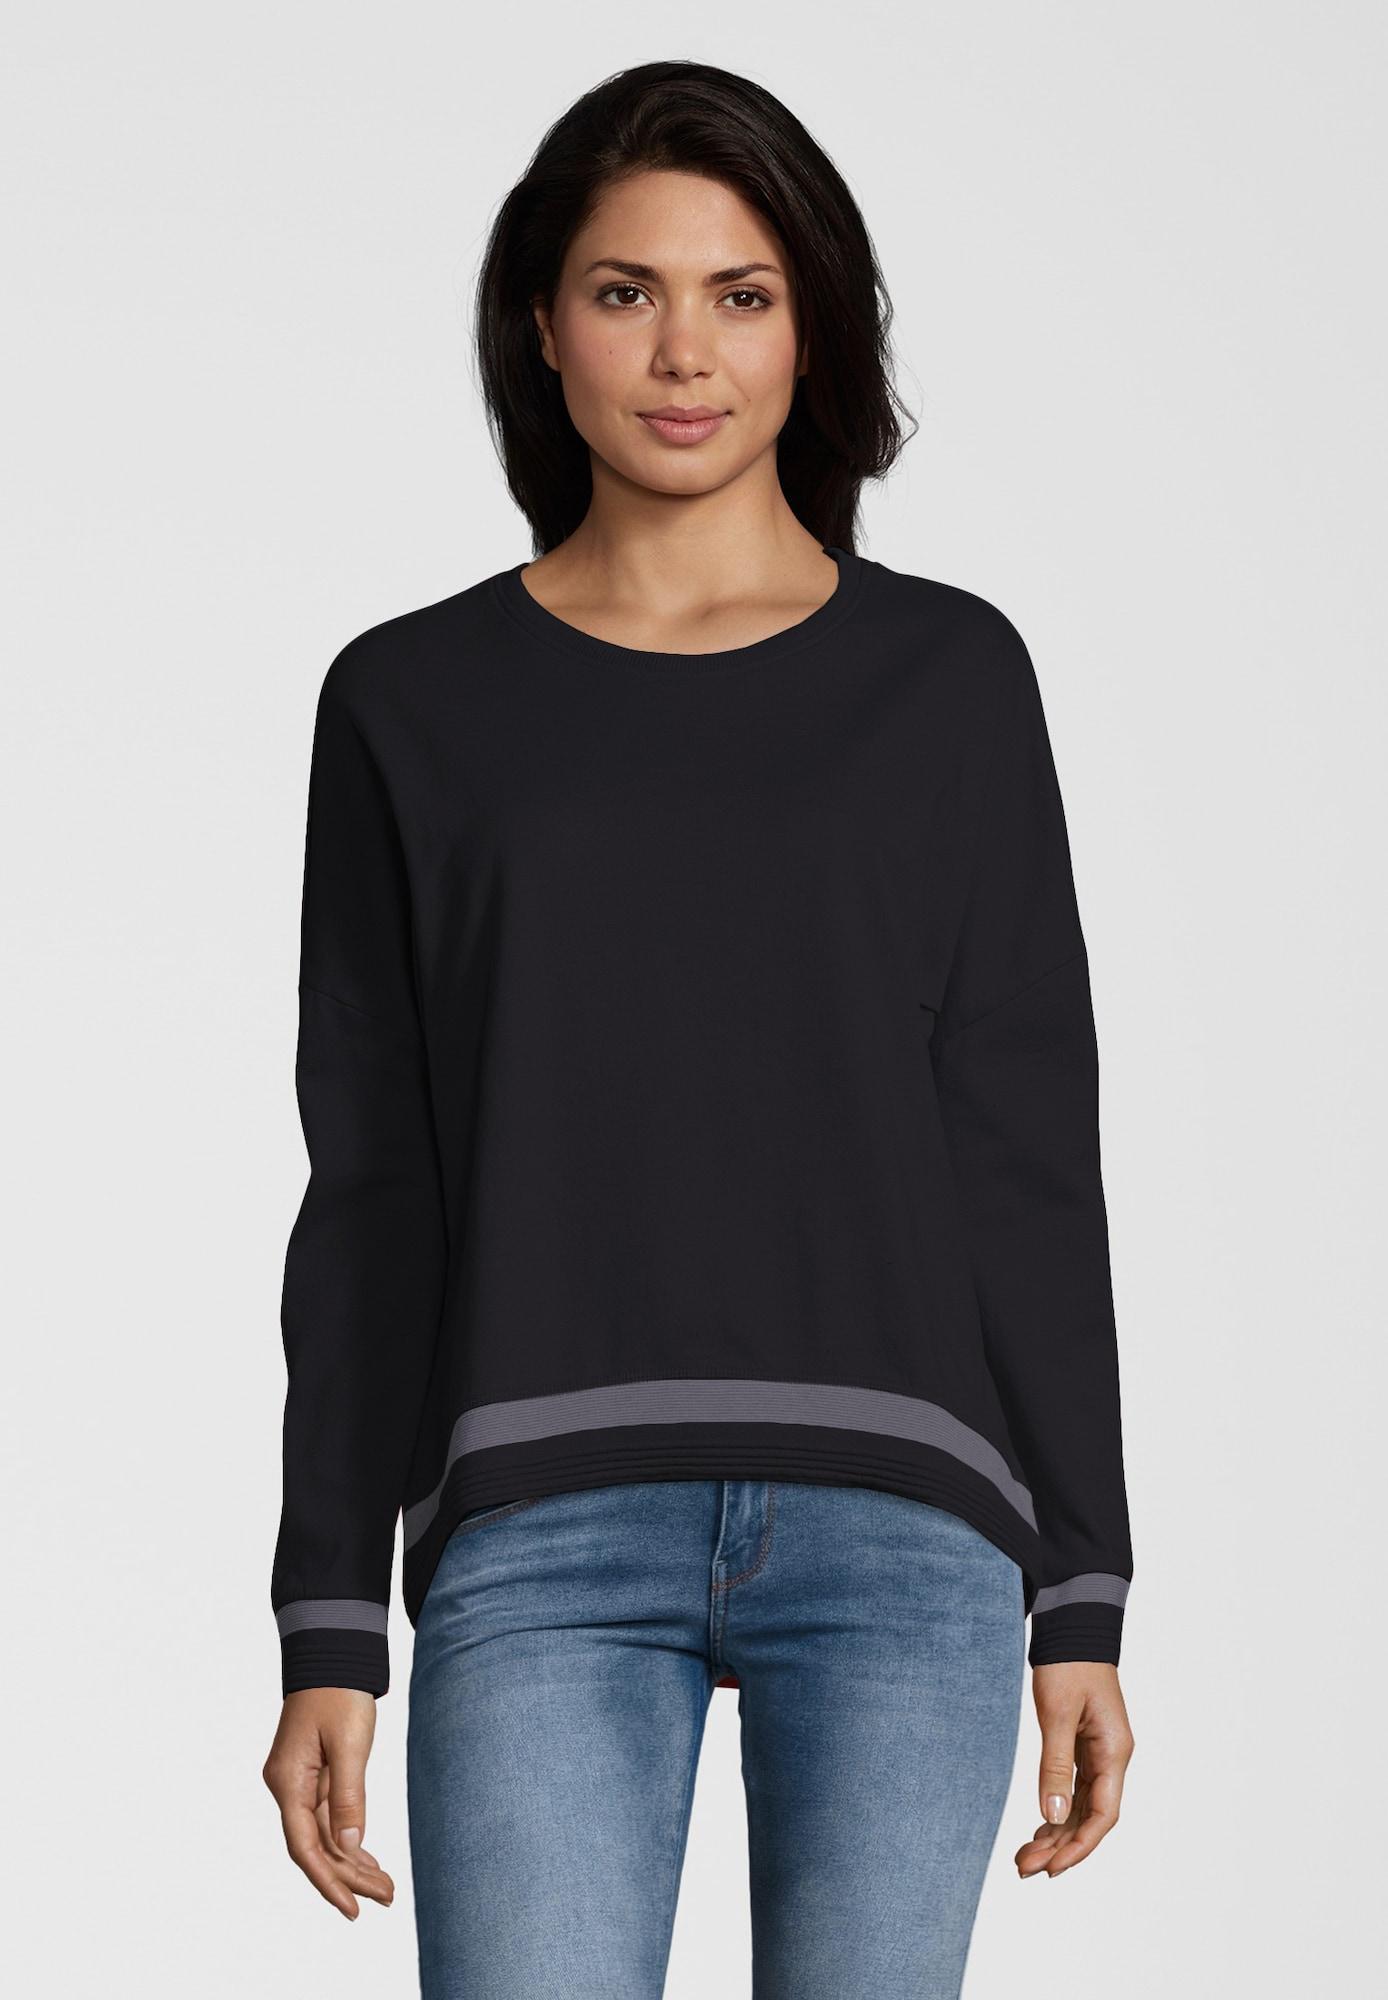 shirts for life - Sweatshirt 'Kathi'